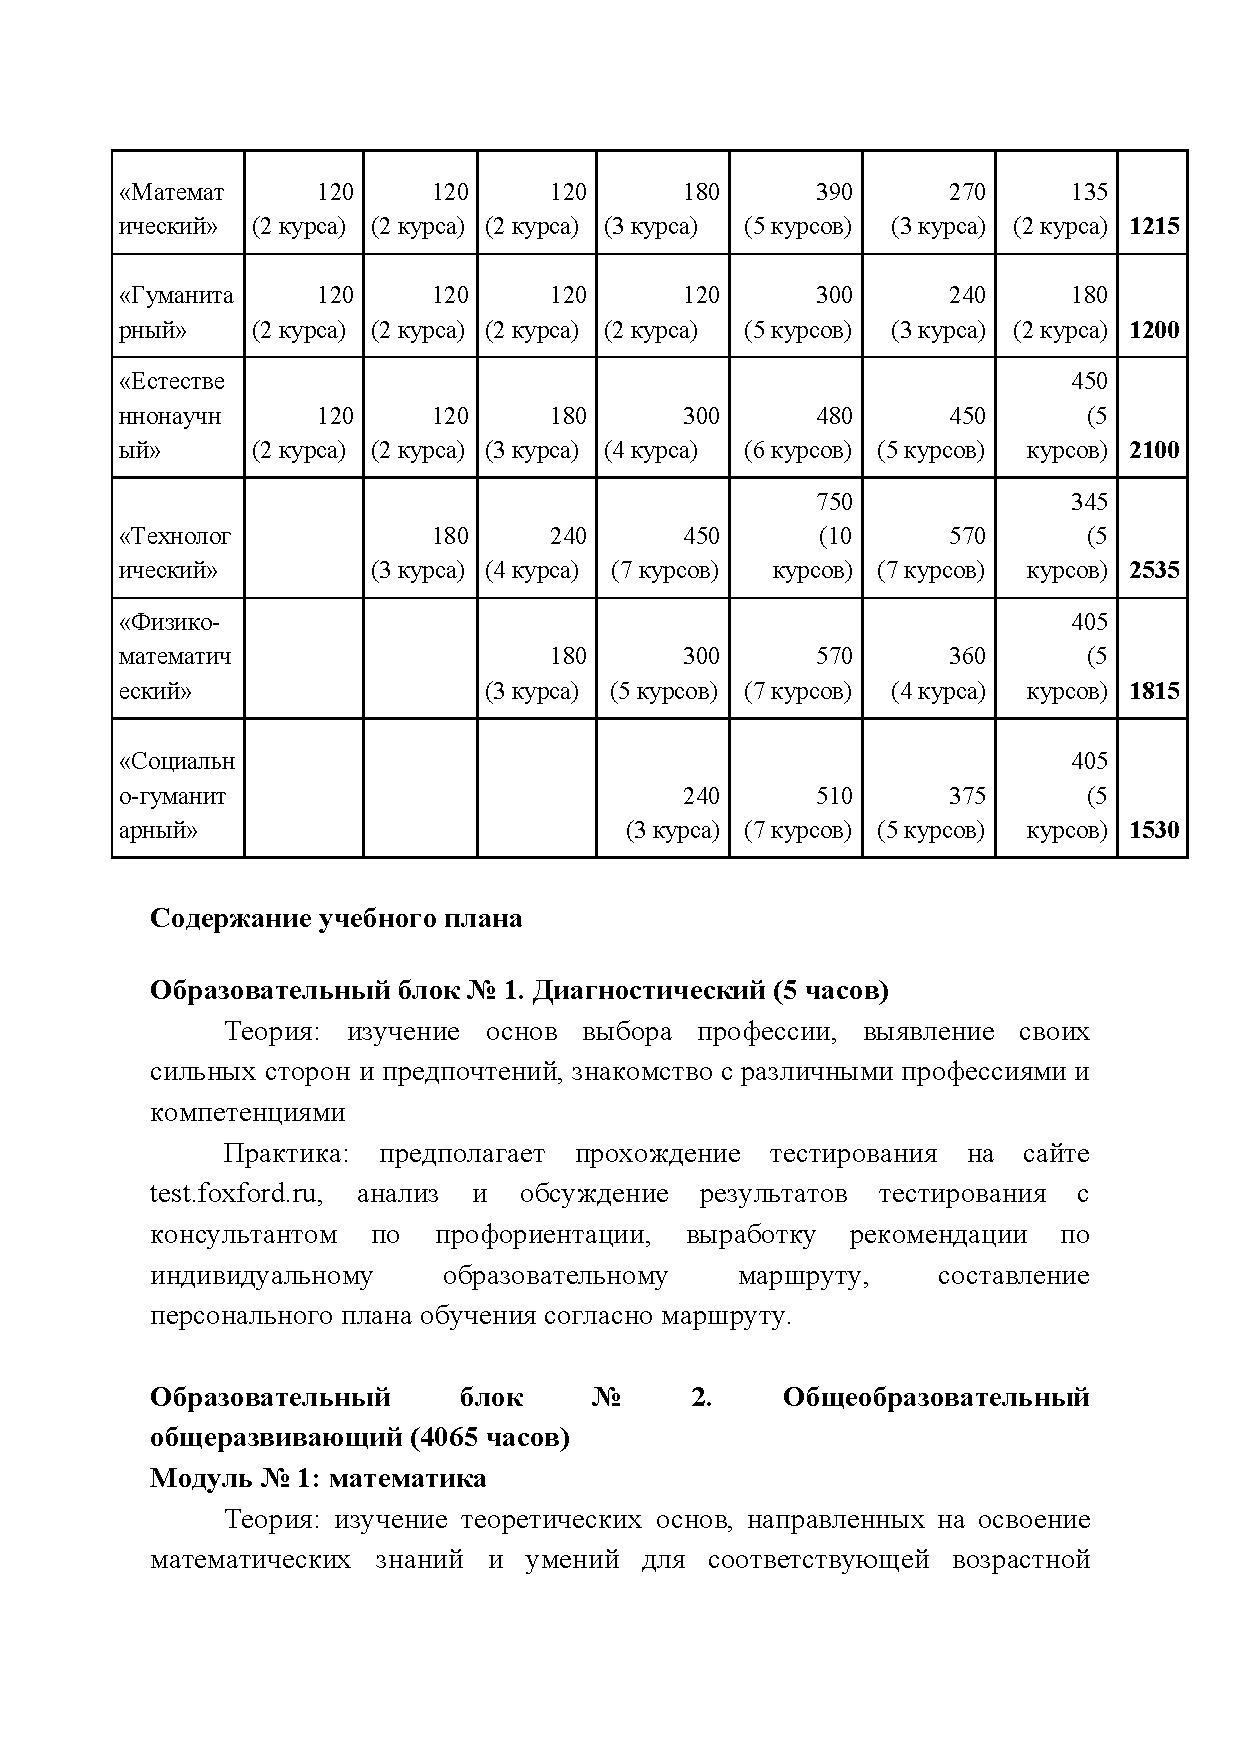 Количество учебных часов по модулям